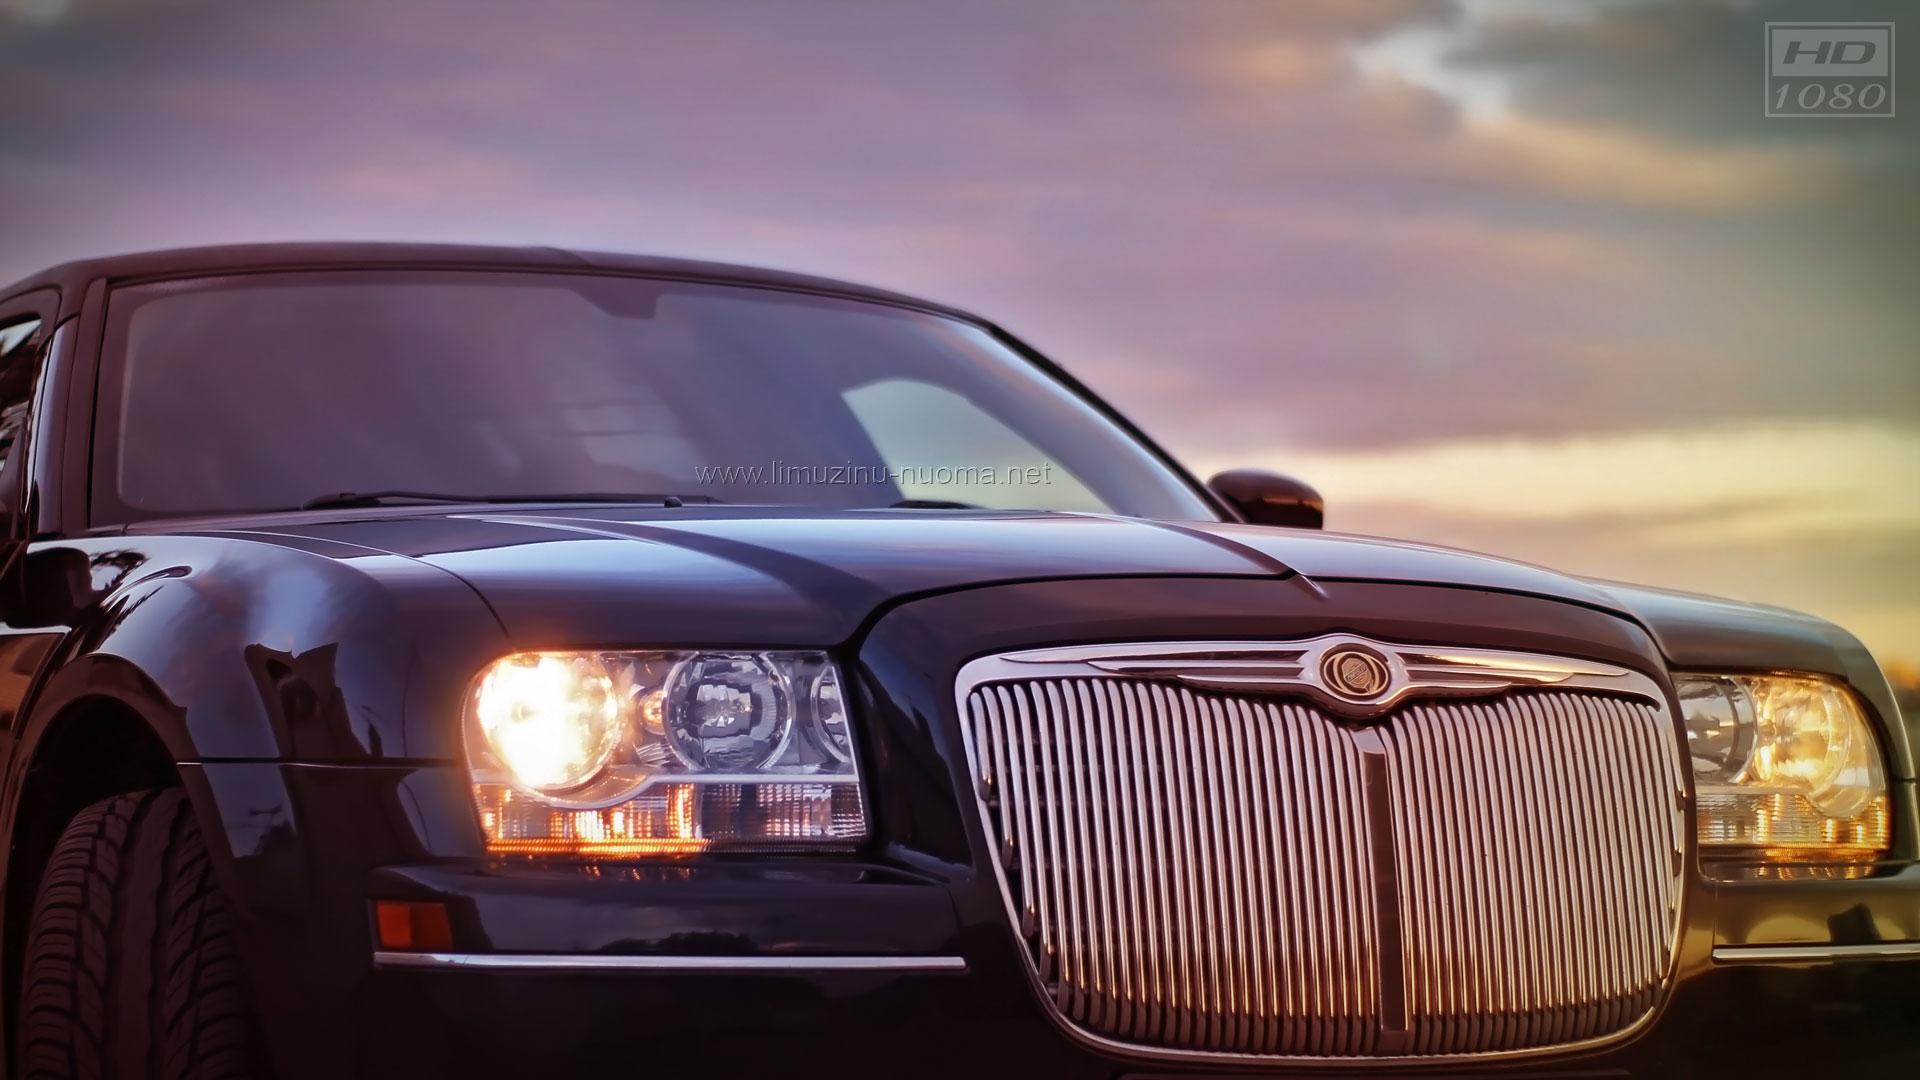 ELEGANTIŠKAS Chrysler C Limuzinas Vilniuje Juodas - Chrysler pap